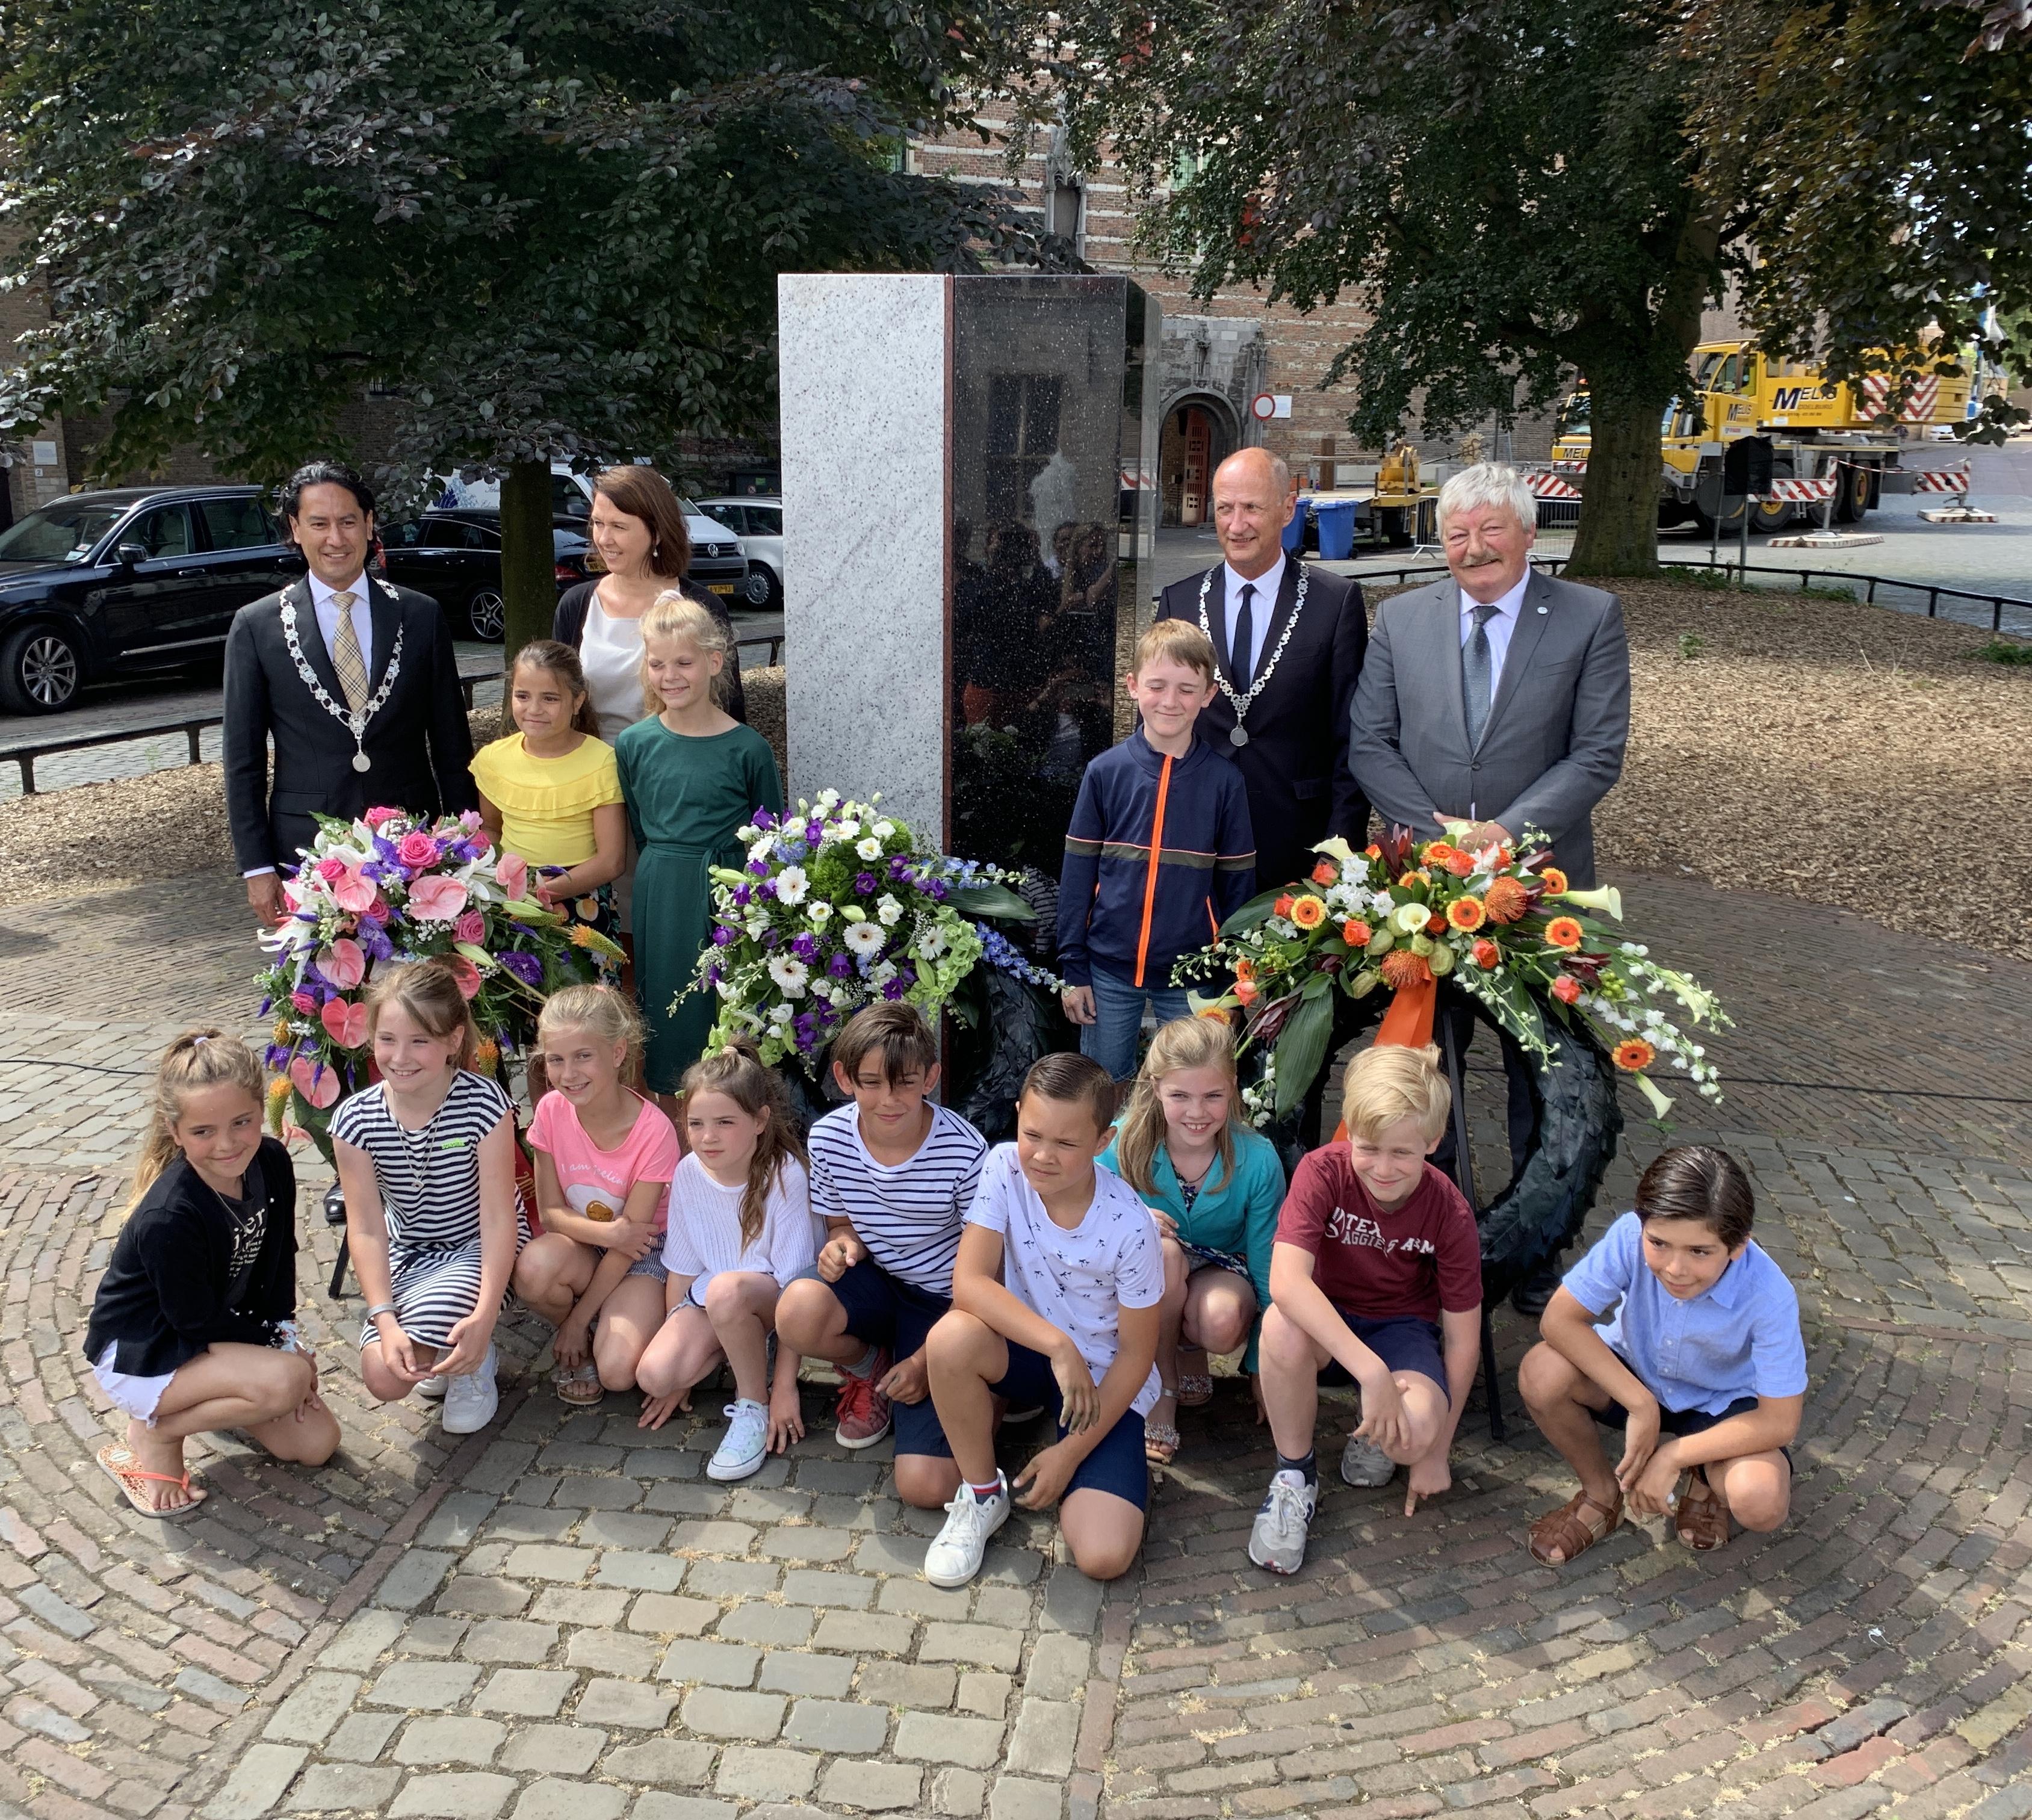 Keti Koti viering met kranslegging op 1 juli 2019, met bij het monument basisschoolleerlingen, gedeputeerde Anita Pijpelink, de burgemeesters van Middelburg en Veere en de wethouder van Vlissingen.